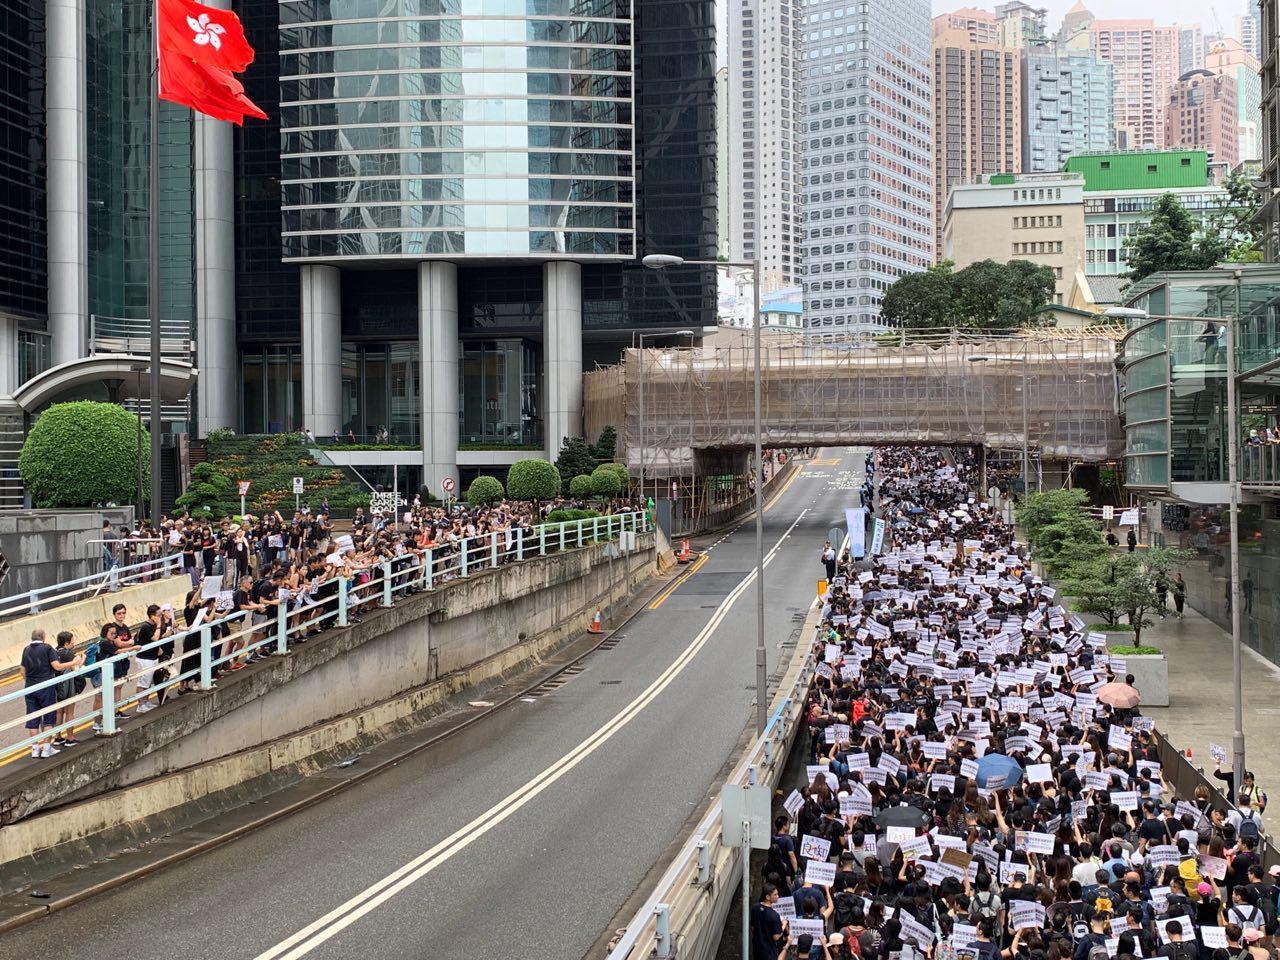 2019年8月17日,香港教育界「守護下一代 為良知發聲」的集會遊行,遊行者高喊林鄭下台。(駱亞/大紀元)